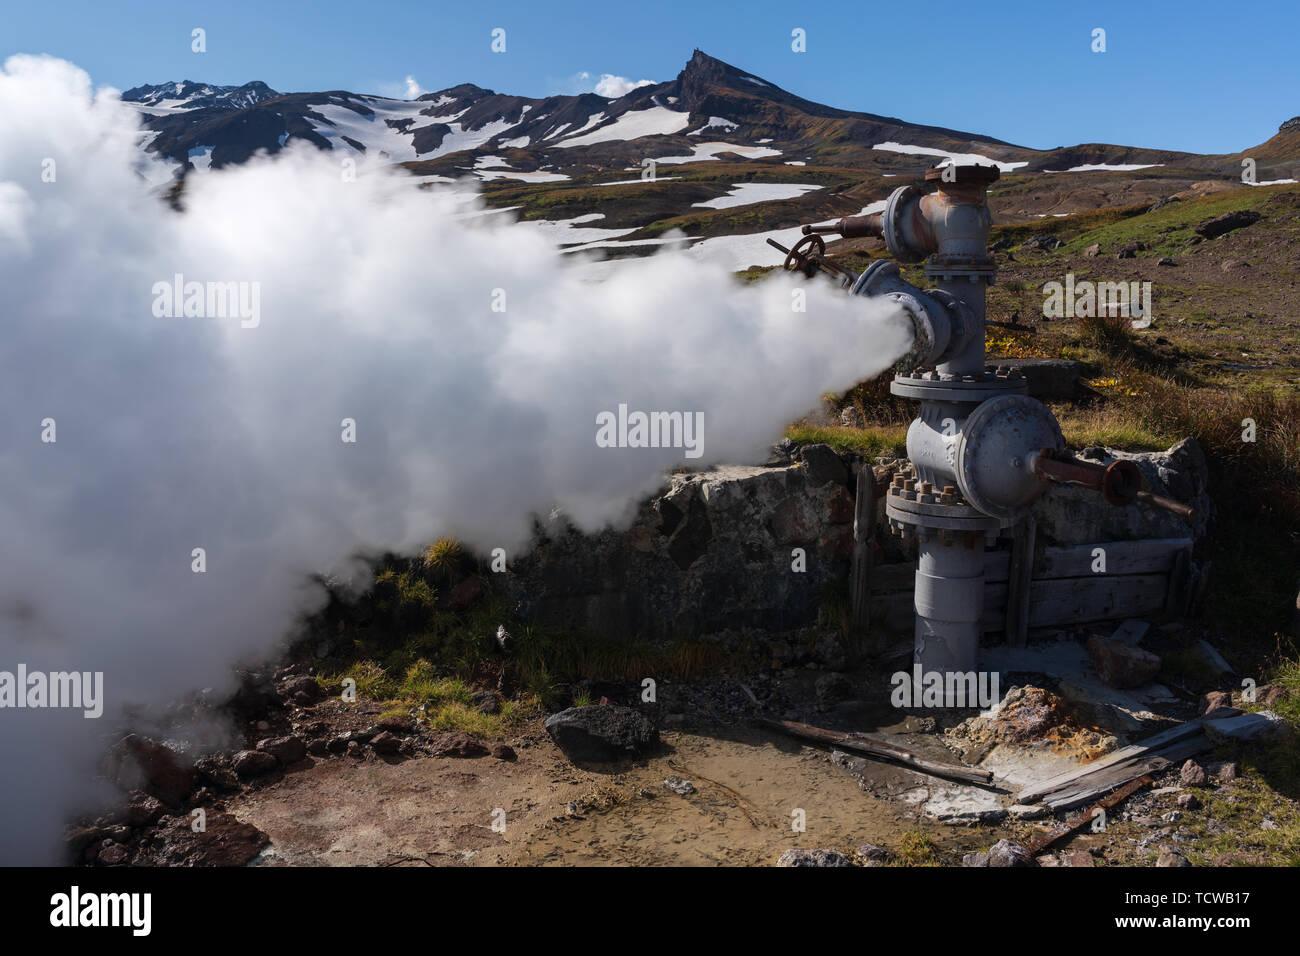 L'émission de vapeur thermale minérale eau mélange de geological bien dans la zone de dépôt, géothermique centrale géothermique de la pente du volcan actif Photo Stock